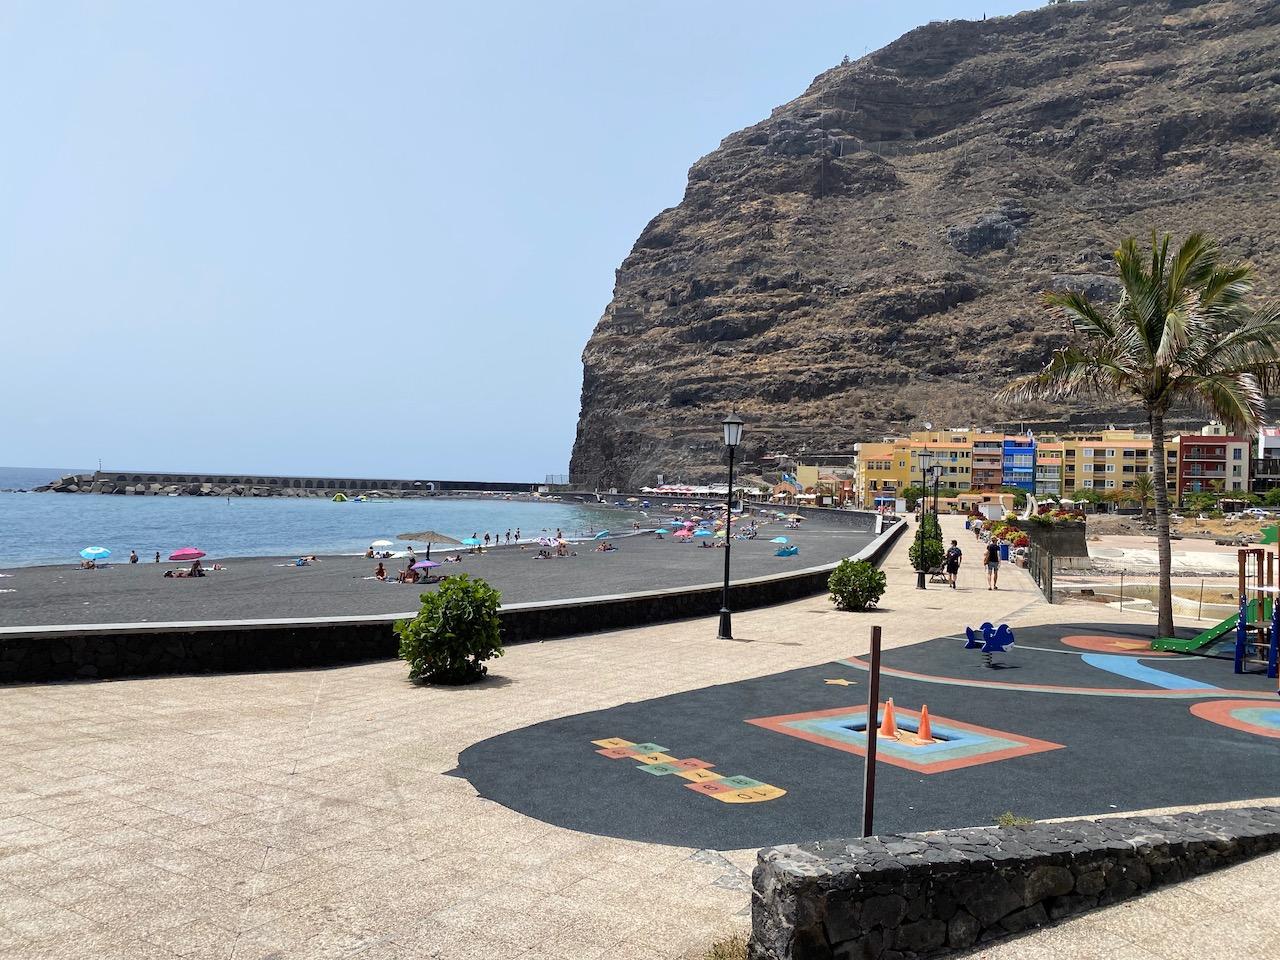 Playa de Tazacorte